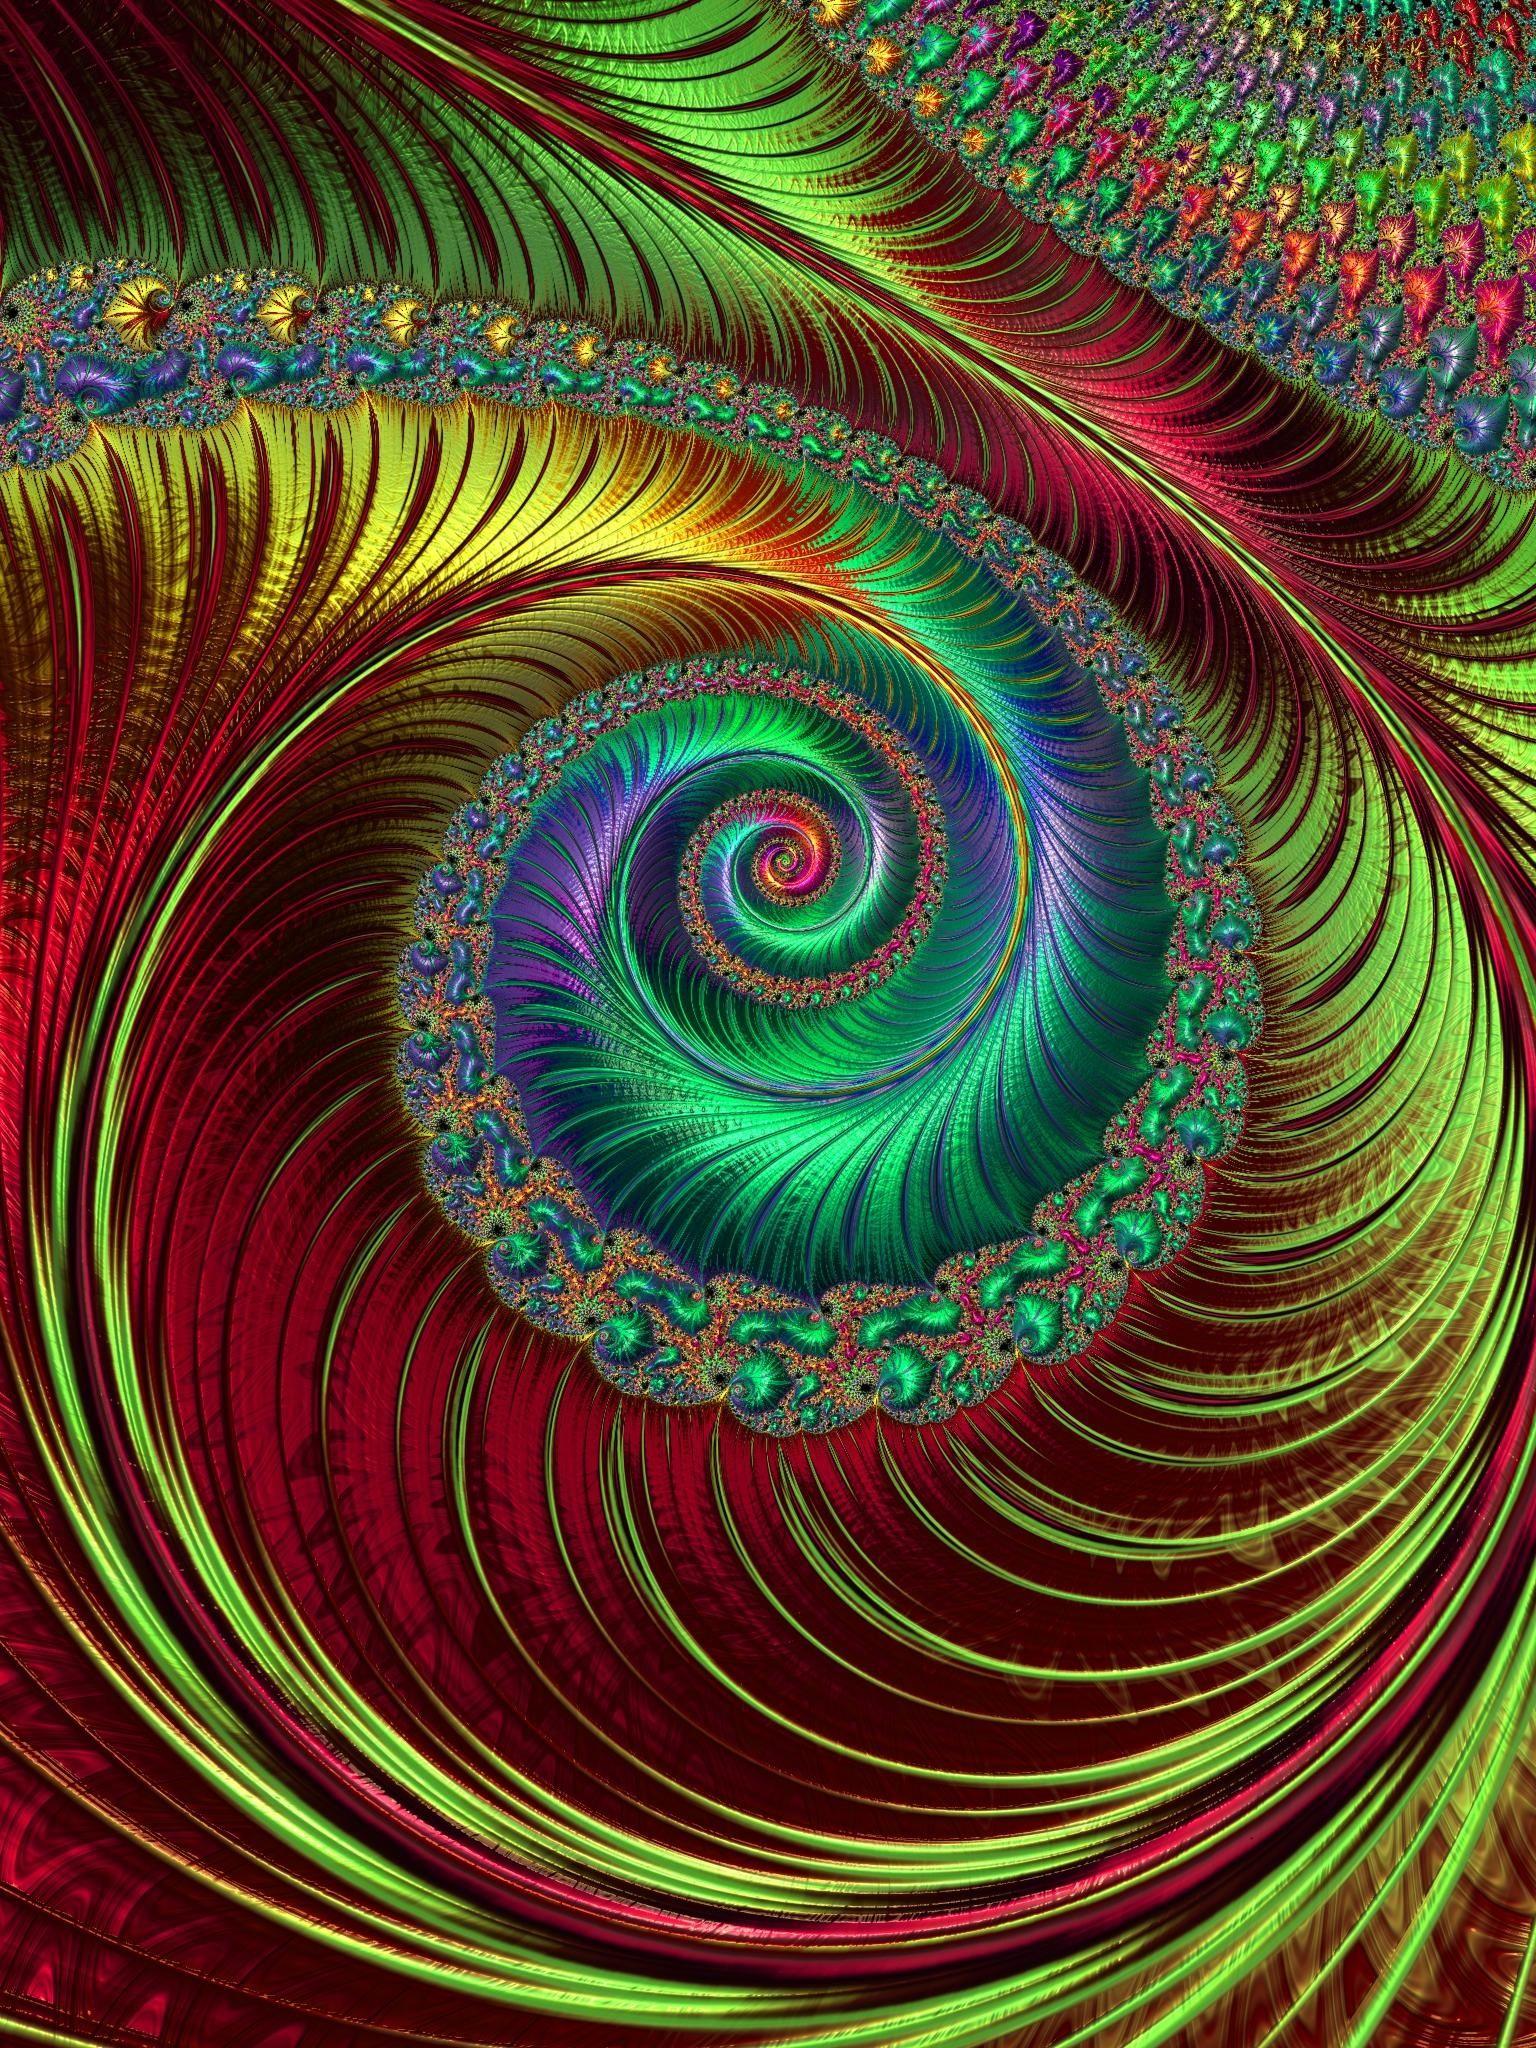 Spirals Fractal Art